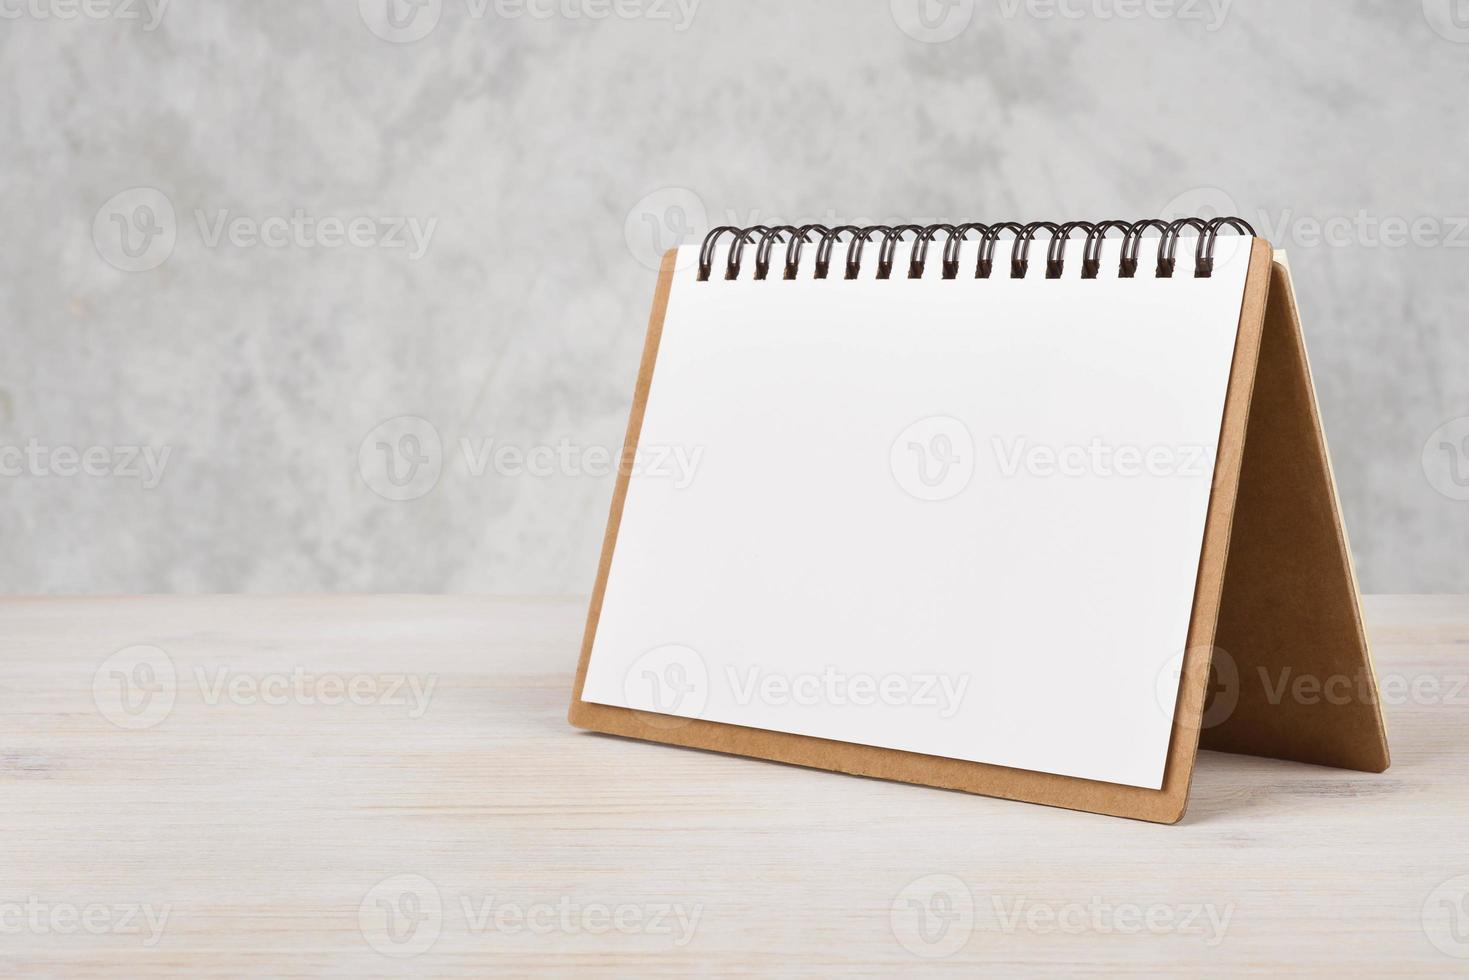 calendário de papel em branco na mesa de madeira foto